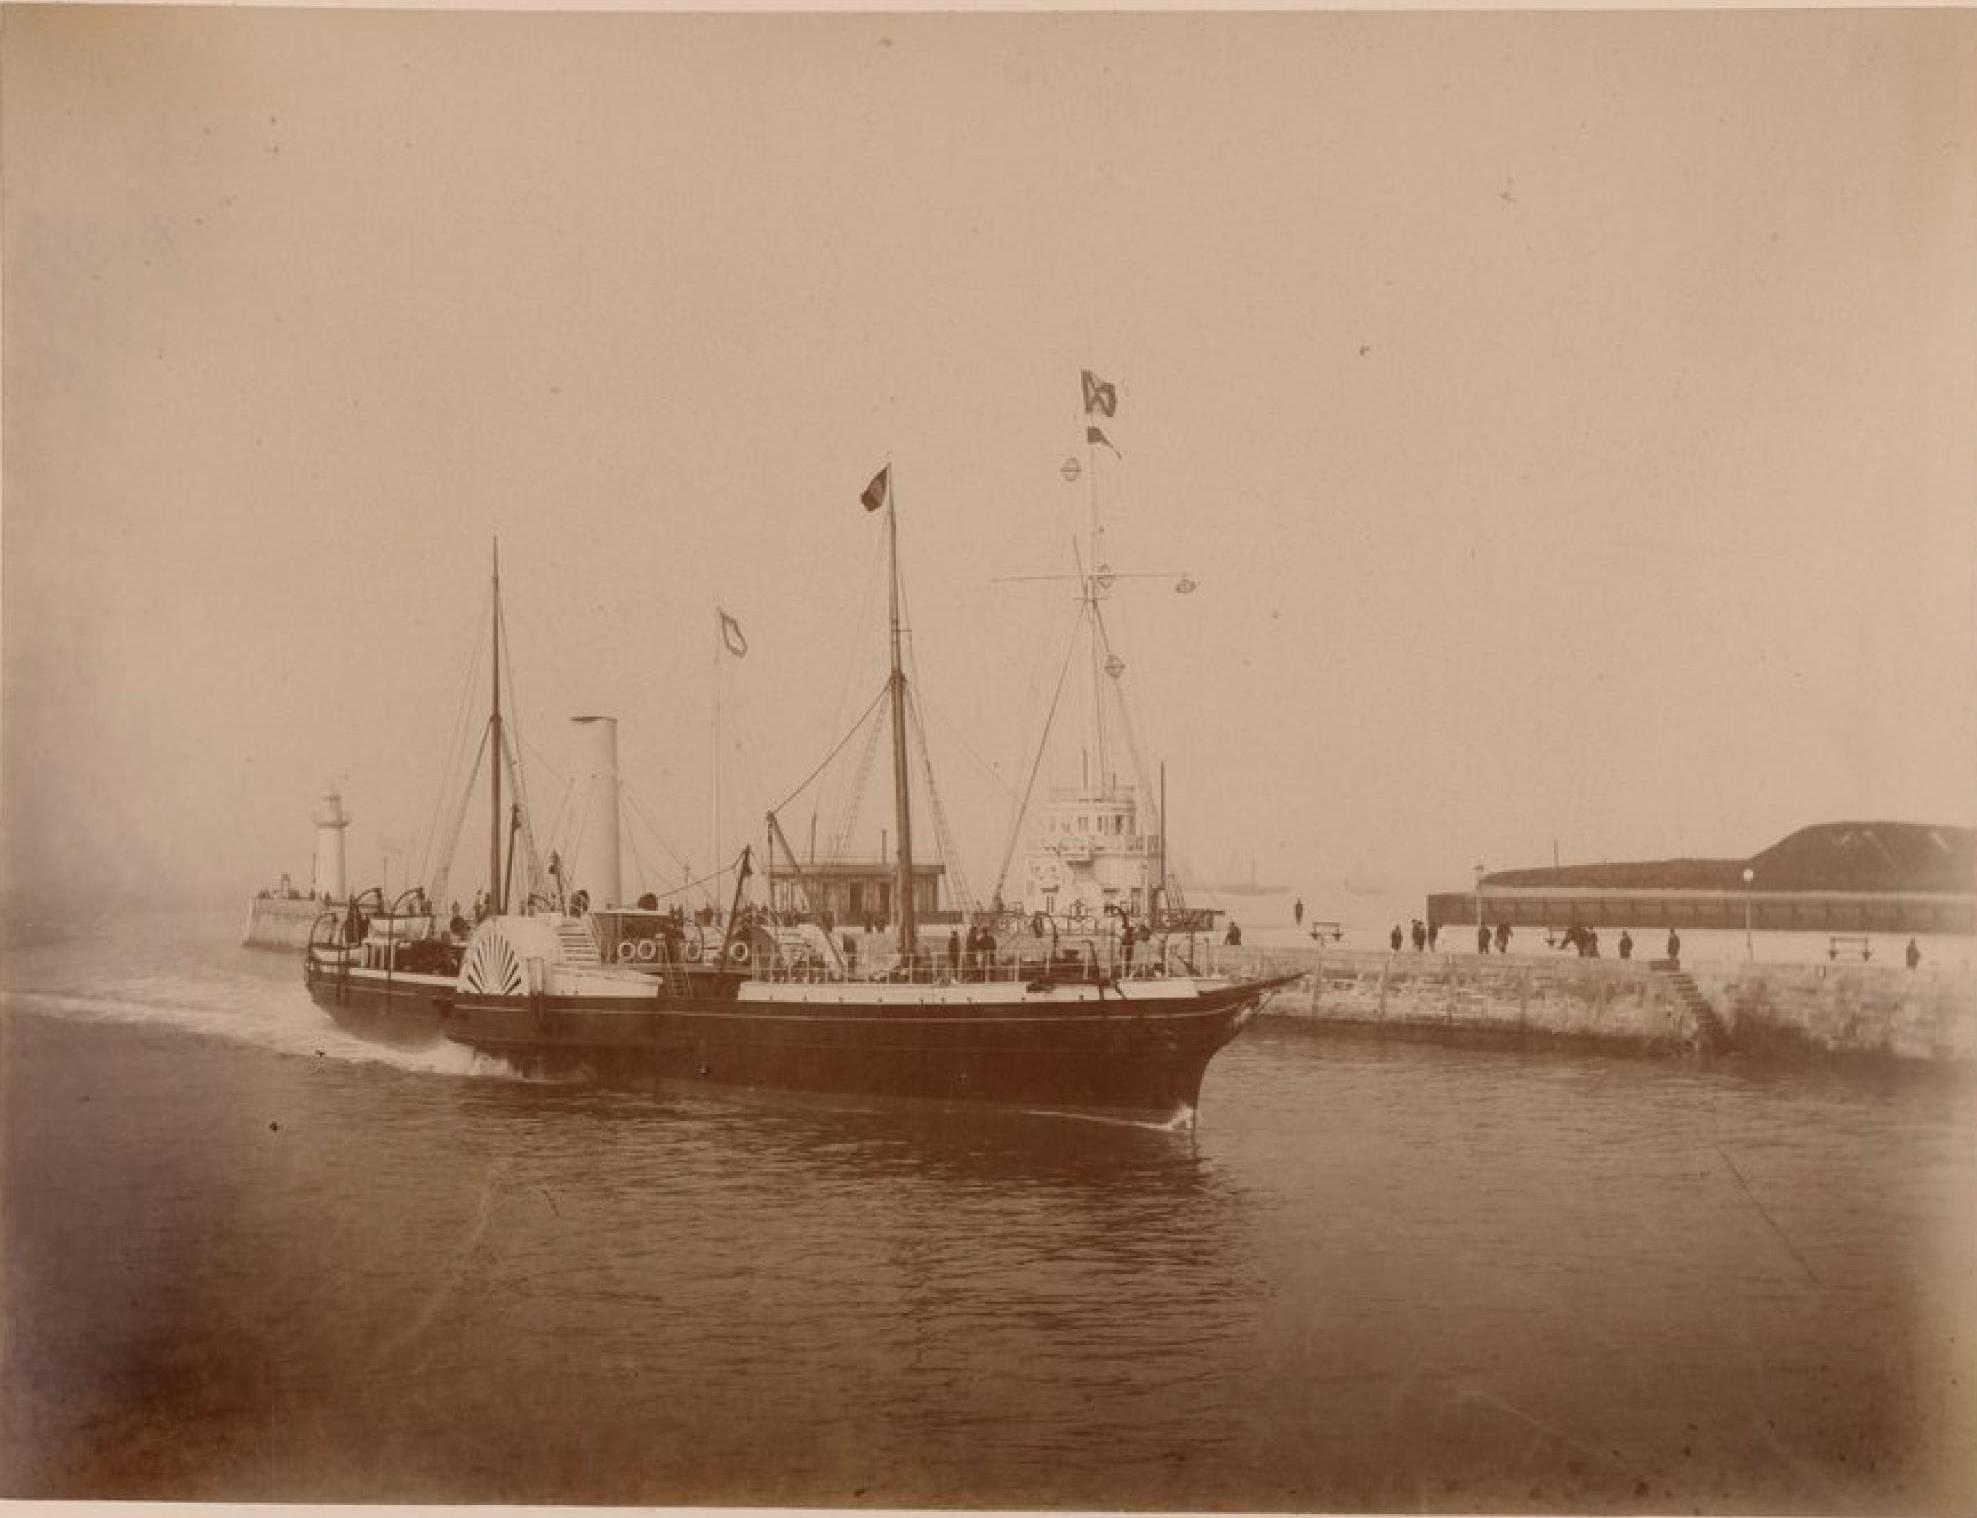 Саутгемптонская пароходная компания, Гавр, Судно «Саутгемптон» (2)